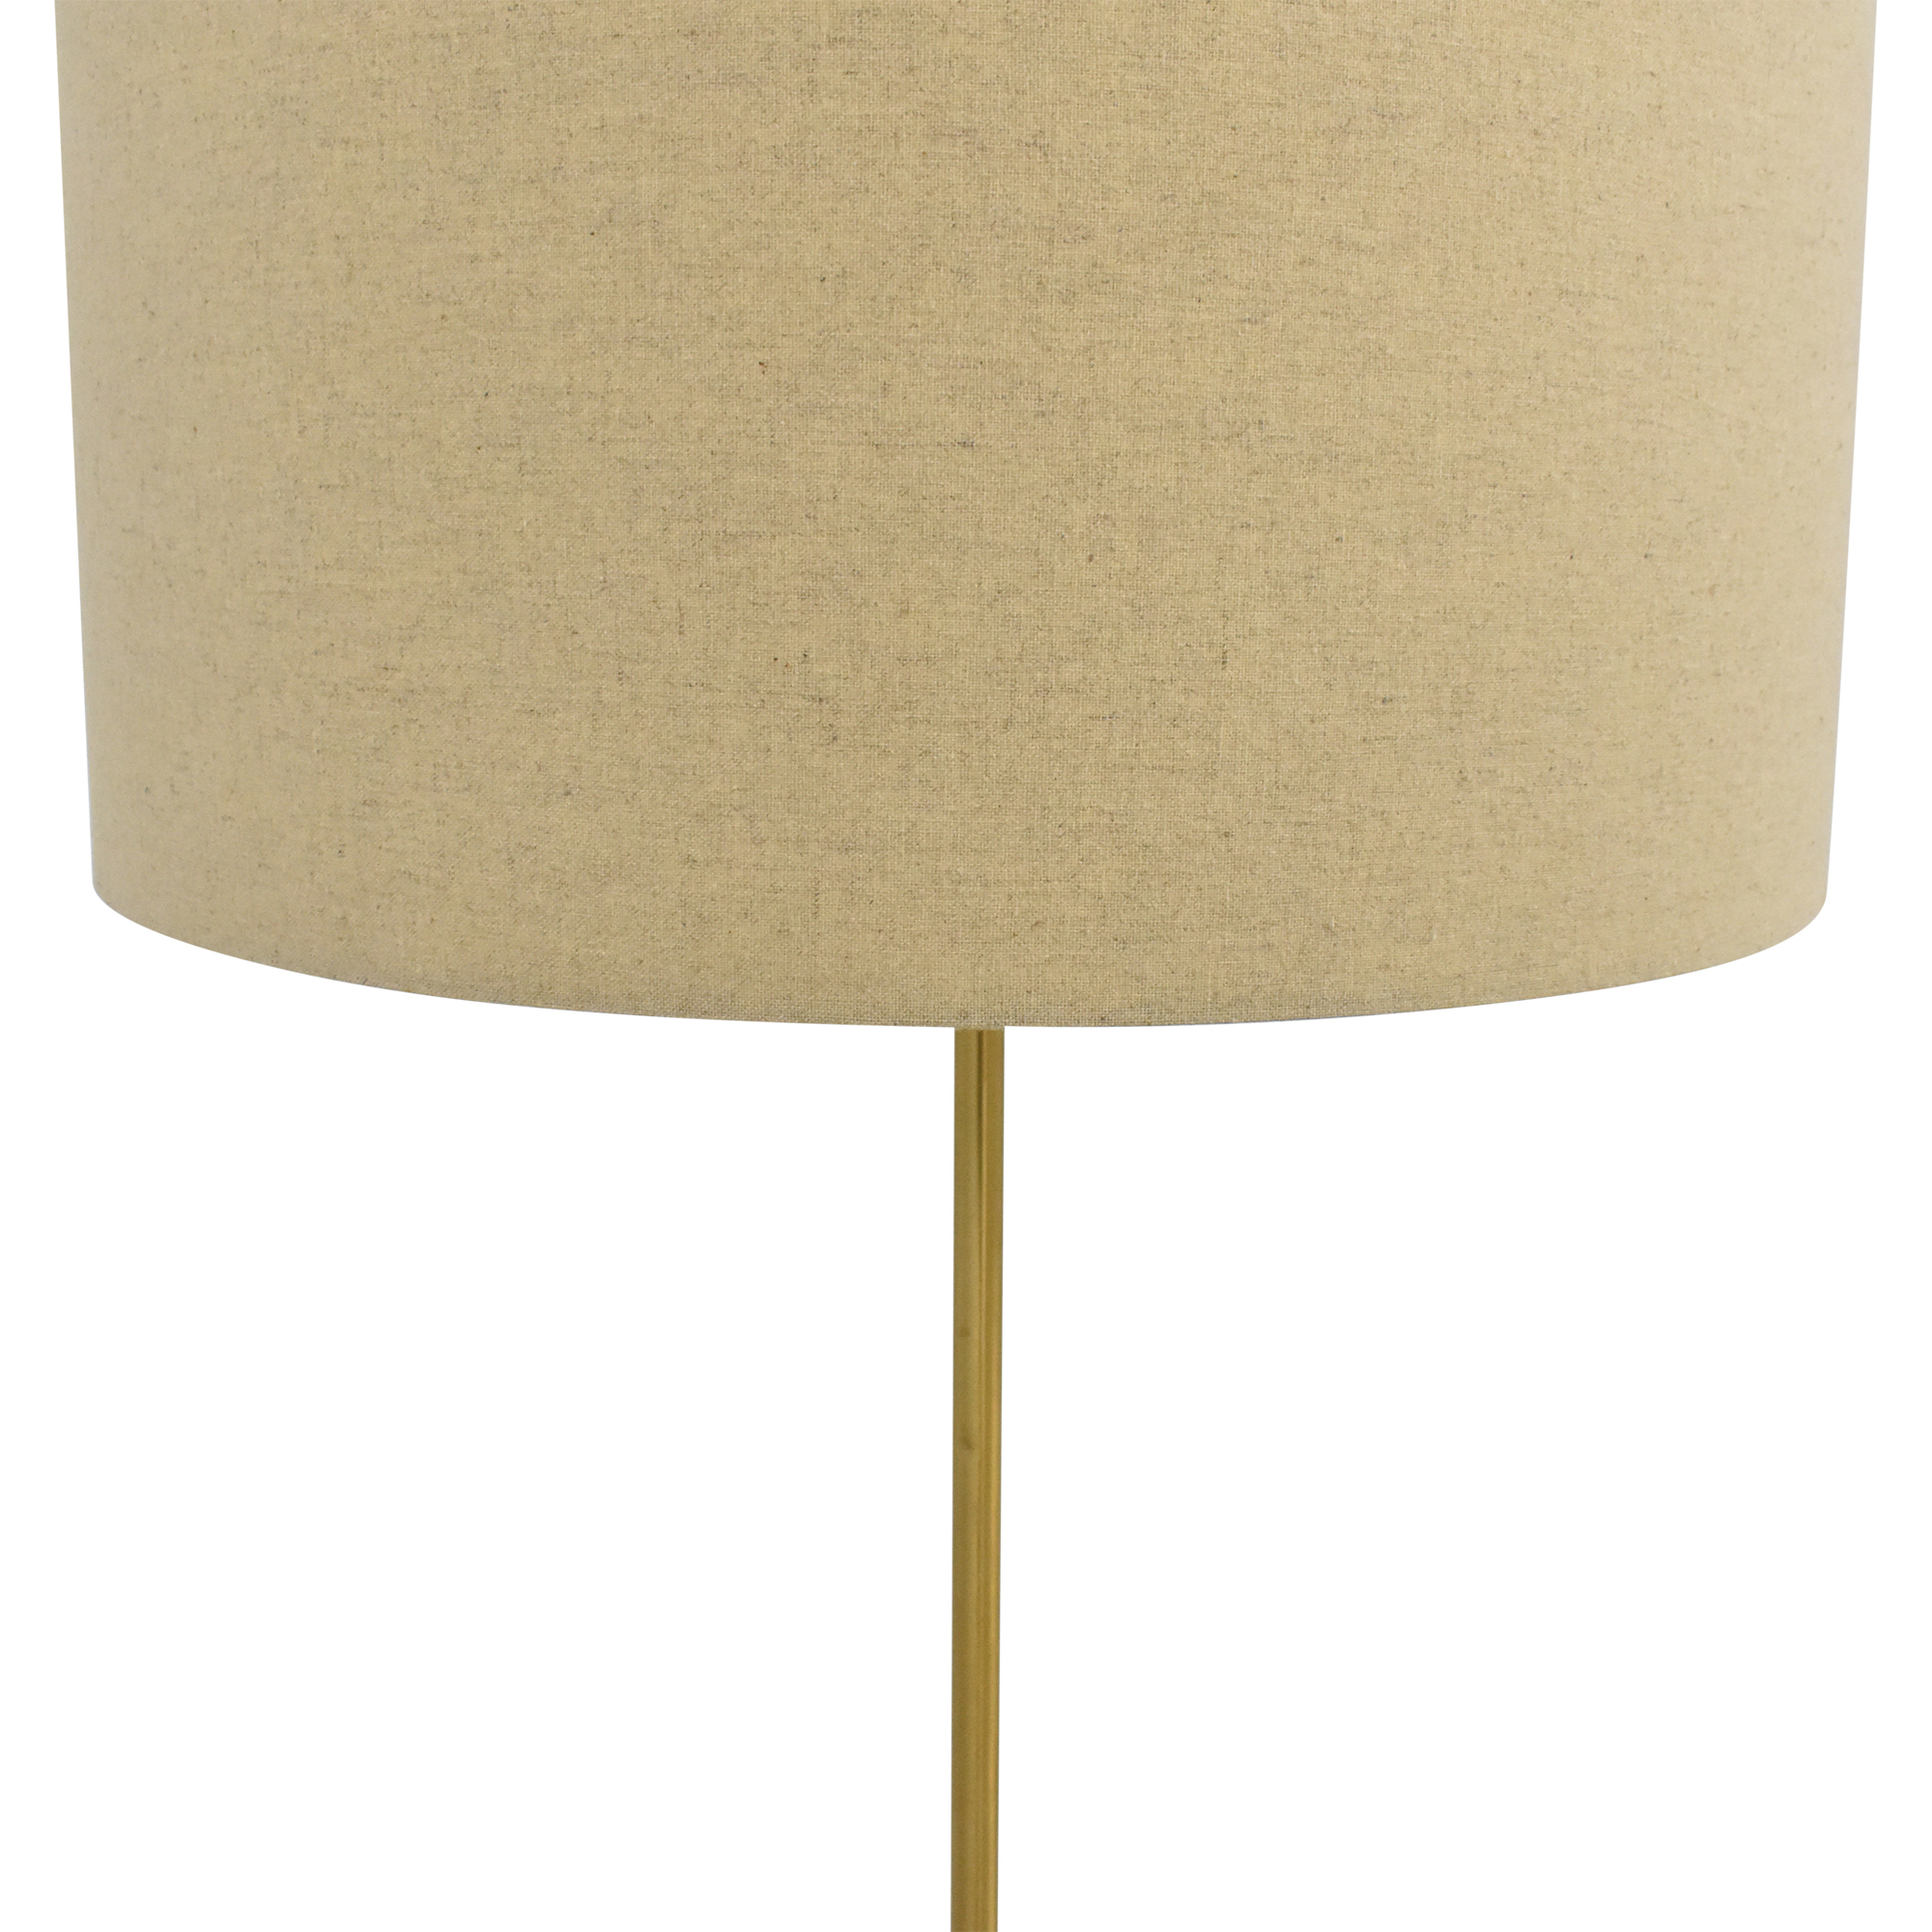 buy West Elm Telescoping Adjustable Floor Lamp West Elm Lamps